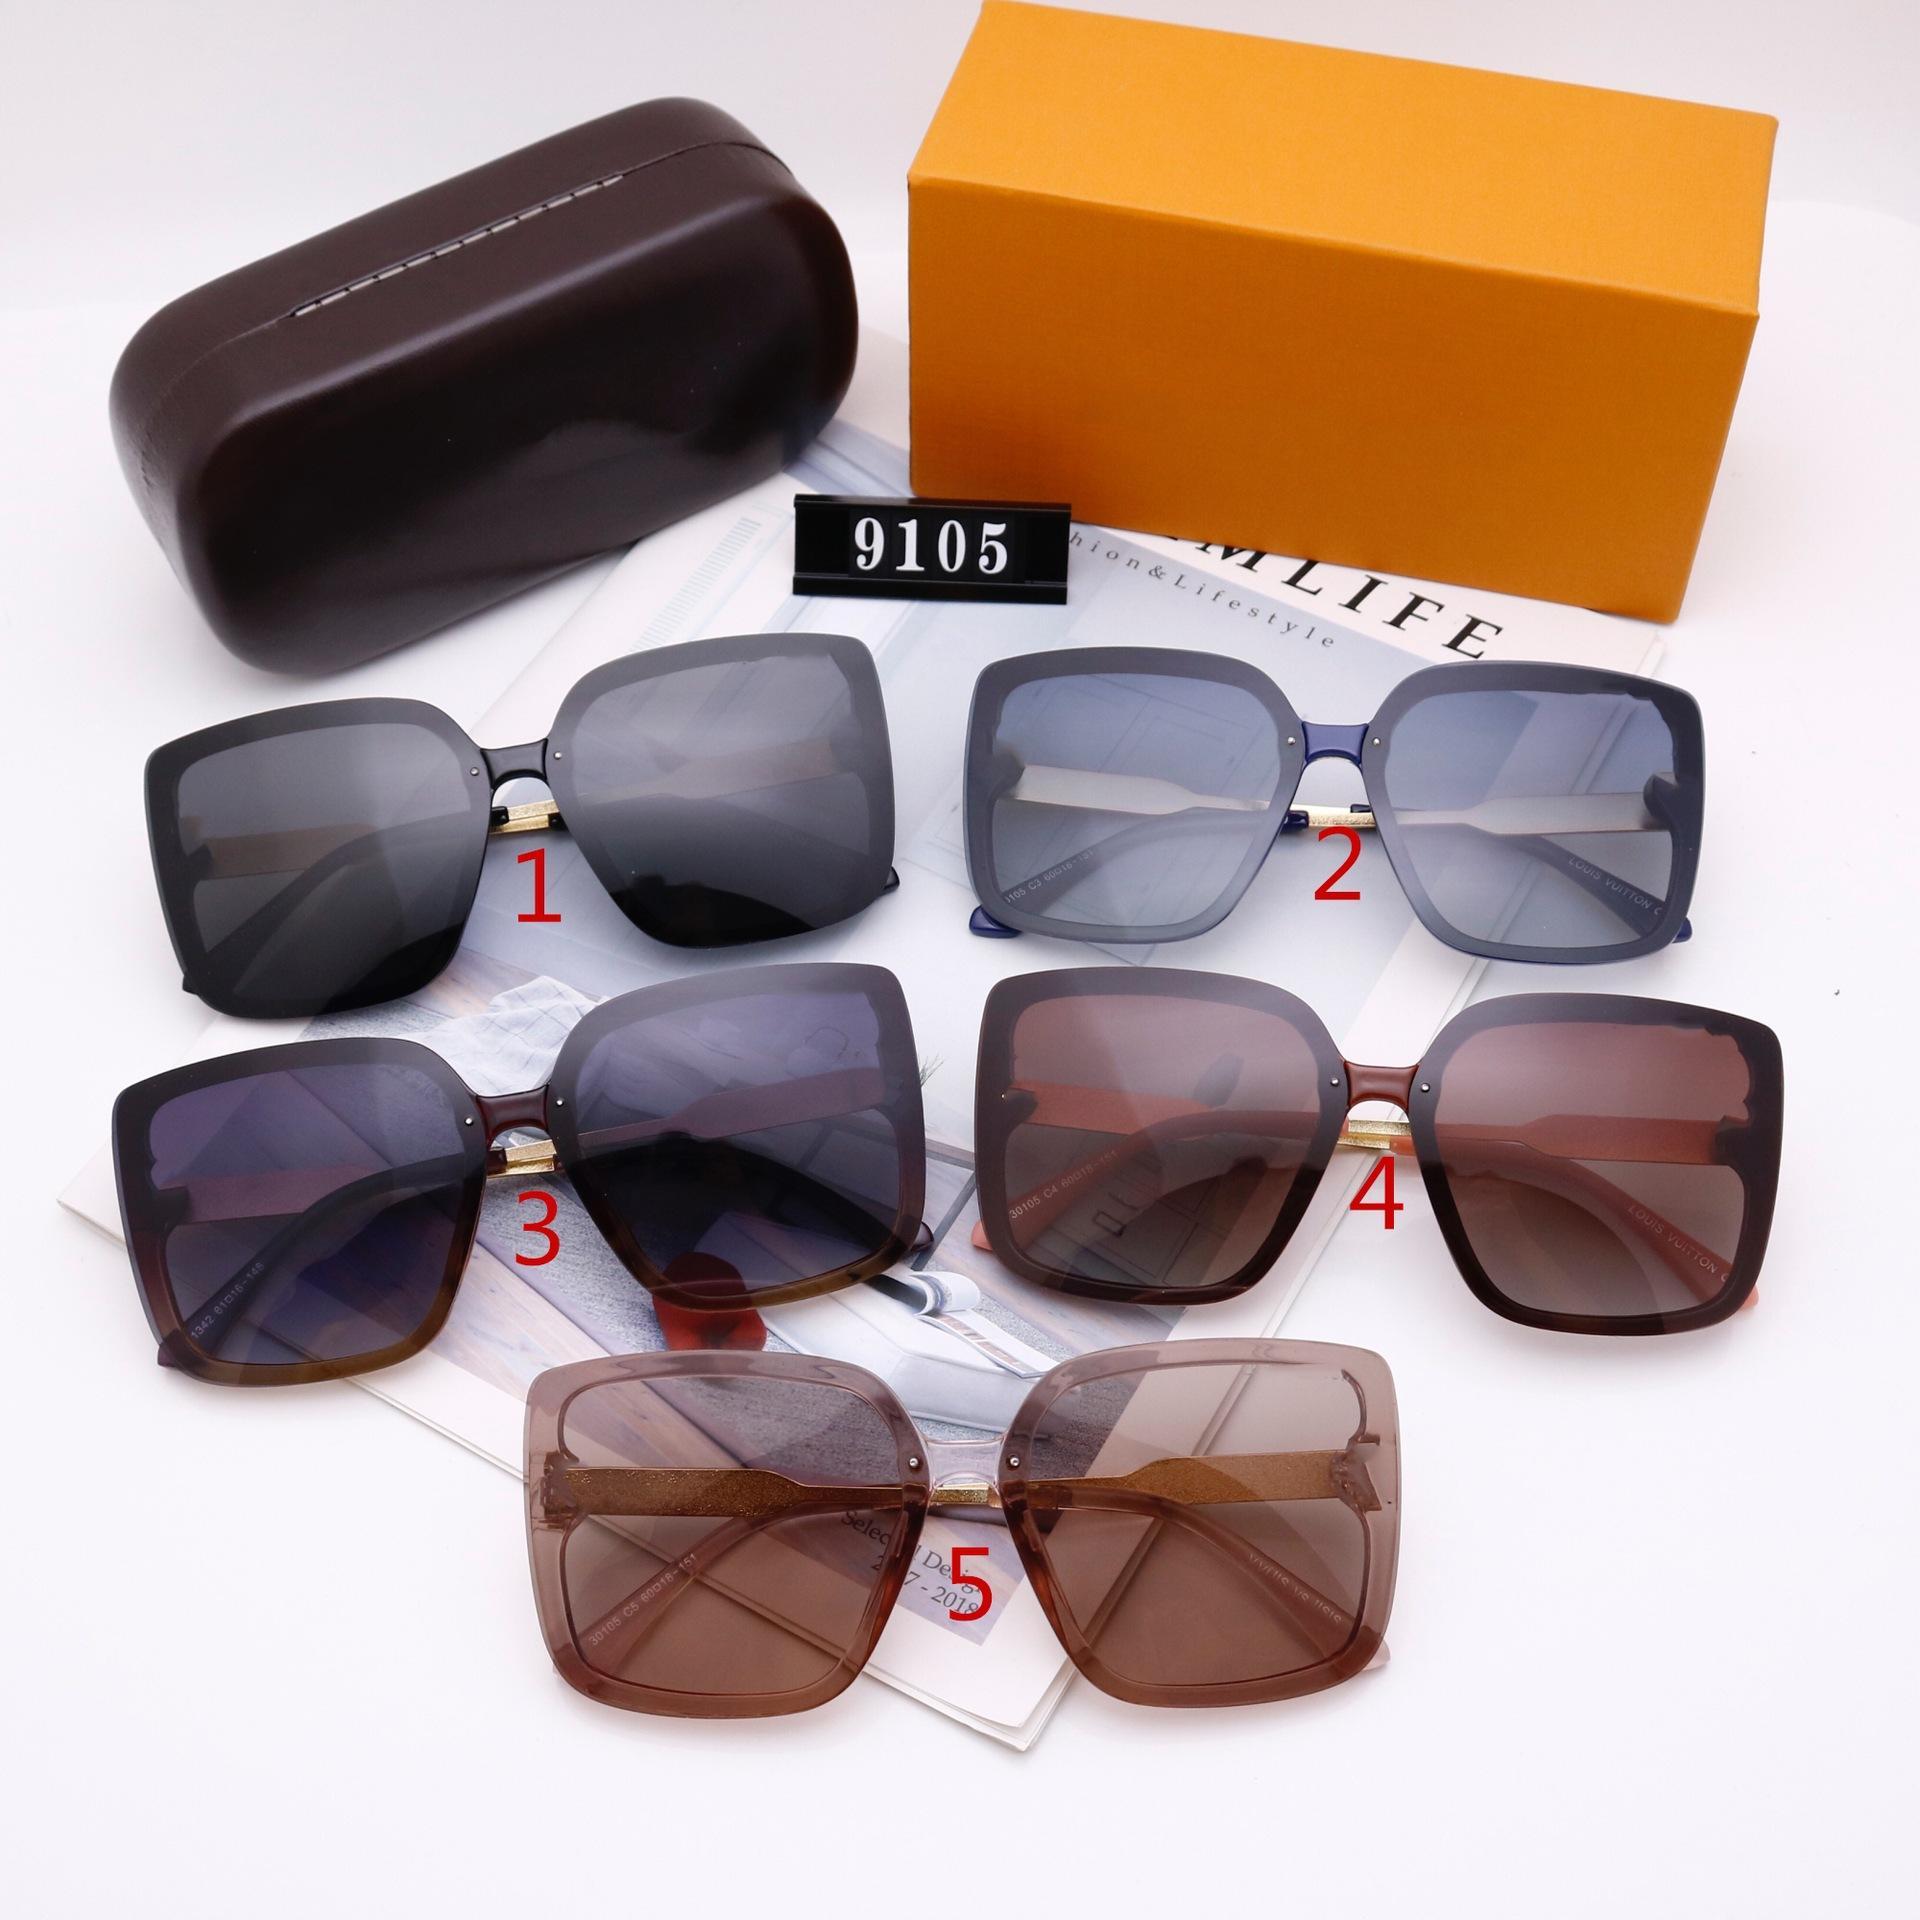 أزياء النساء النظارات الشمسية المصممين الفاخرة عالية الجودة hd الاستقطاب عدسات كبيرة الإطار السيدات القيادة نظارات 9105